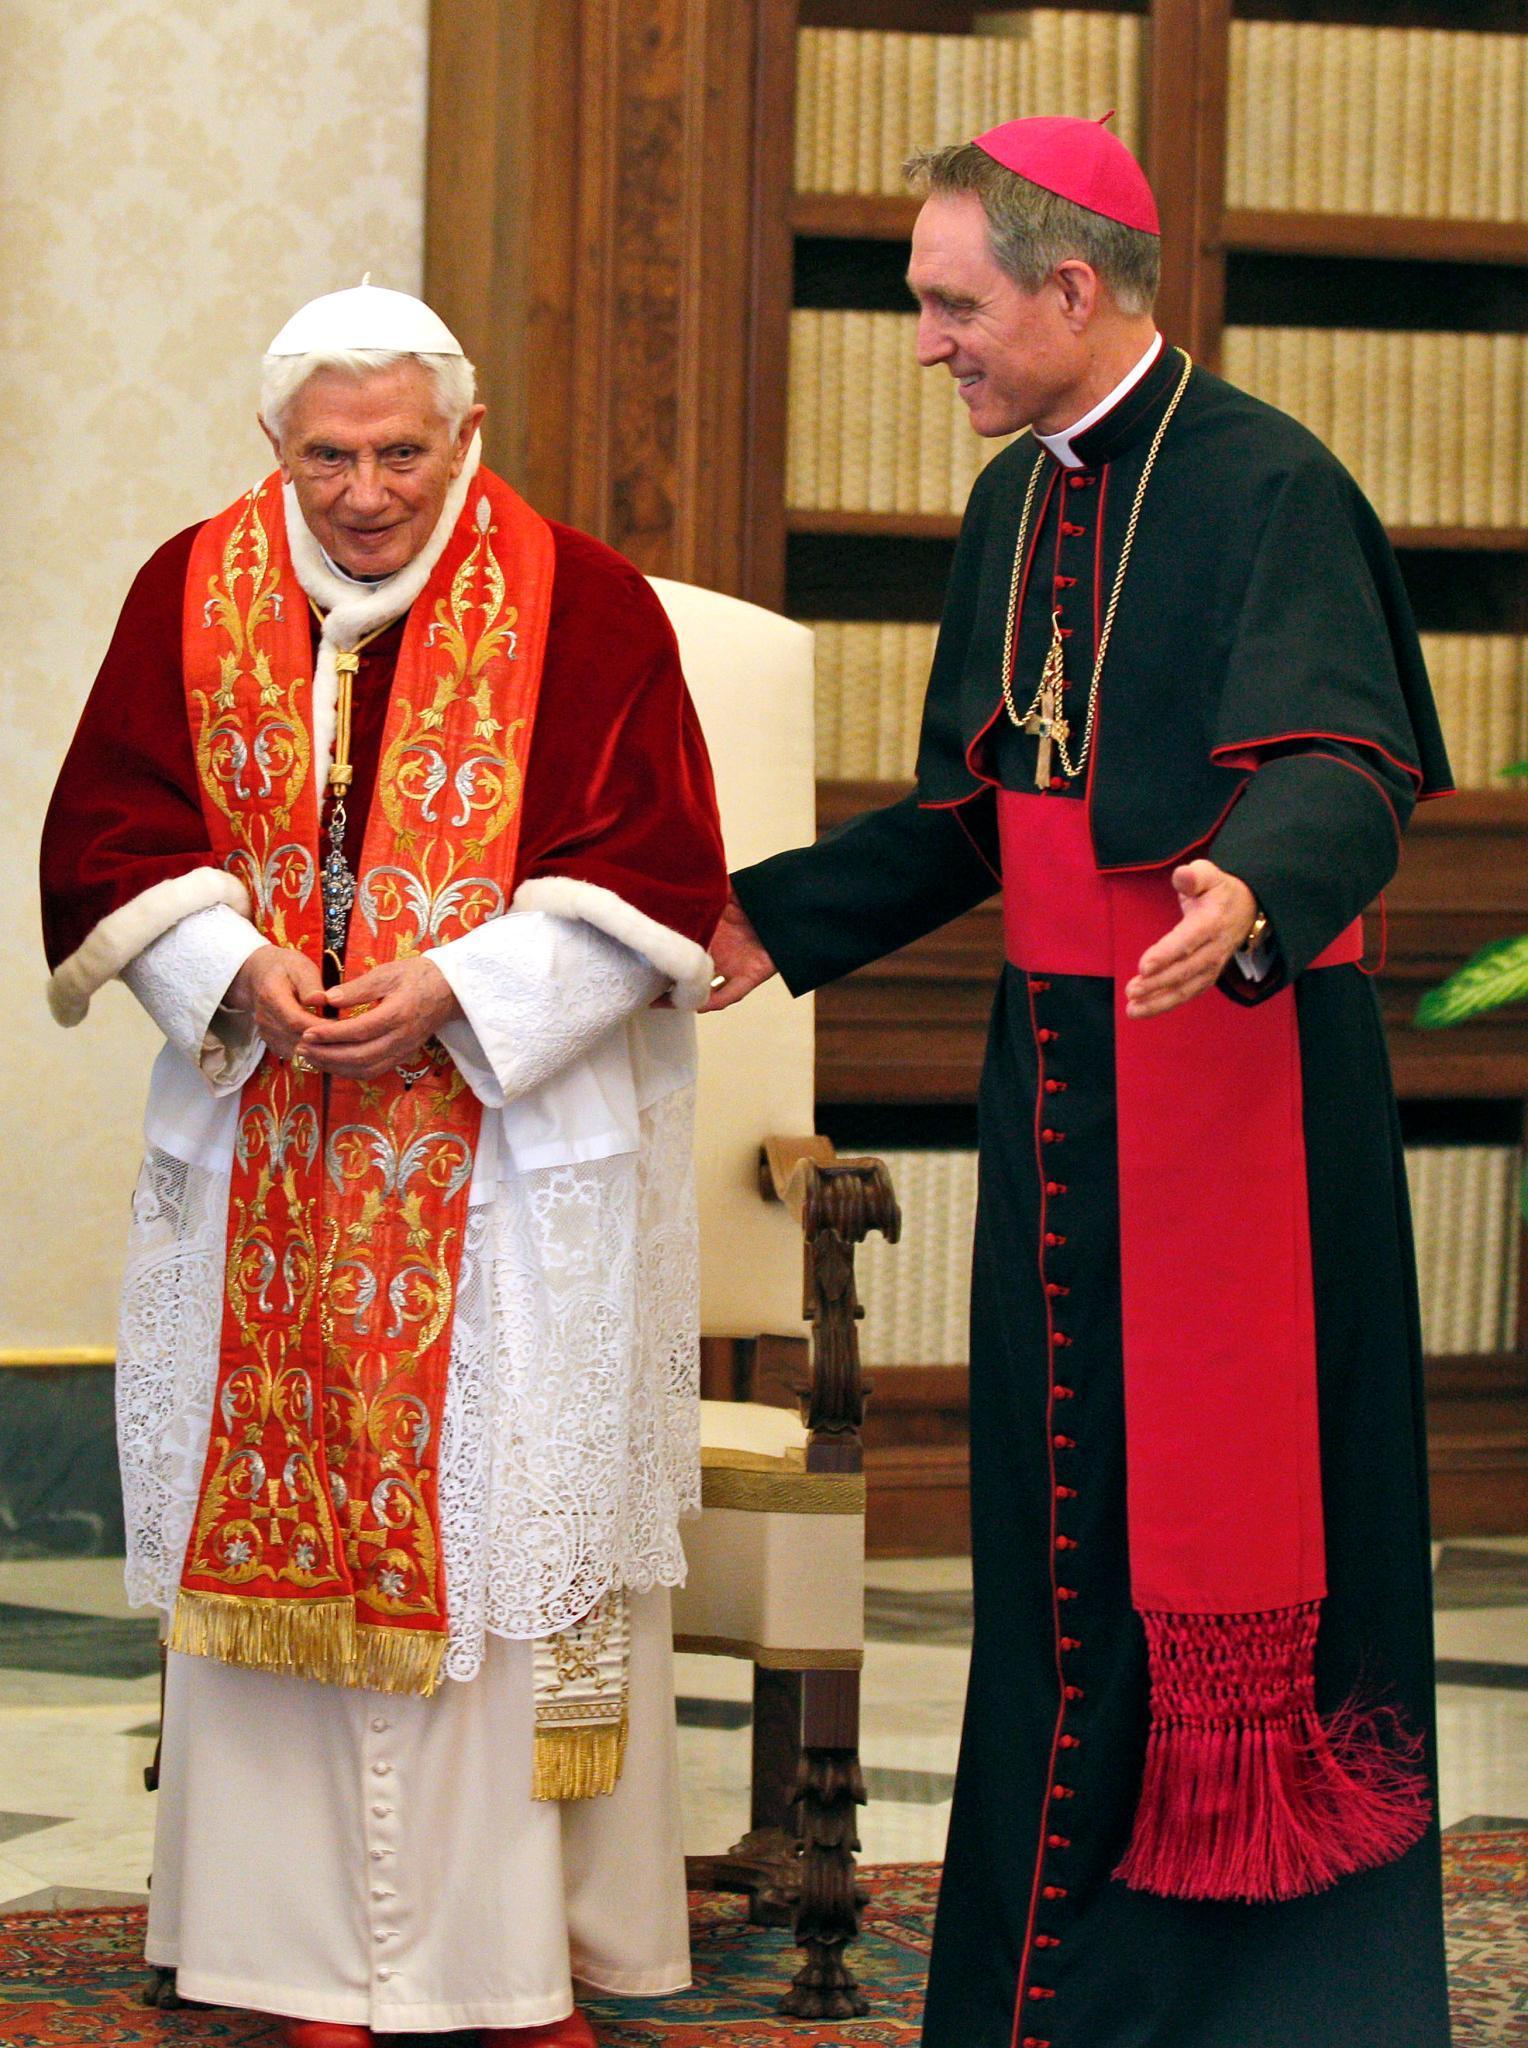 Papst Benedikt XVI.: Wir waren Papst | GALA.de